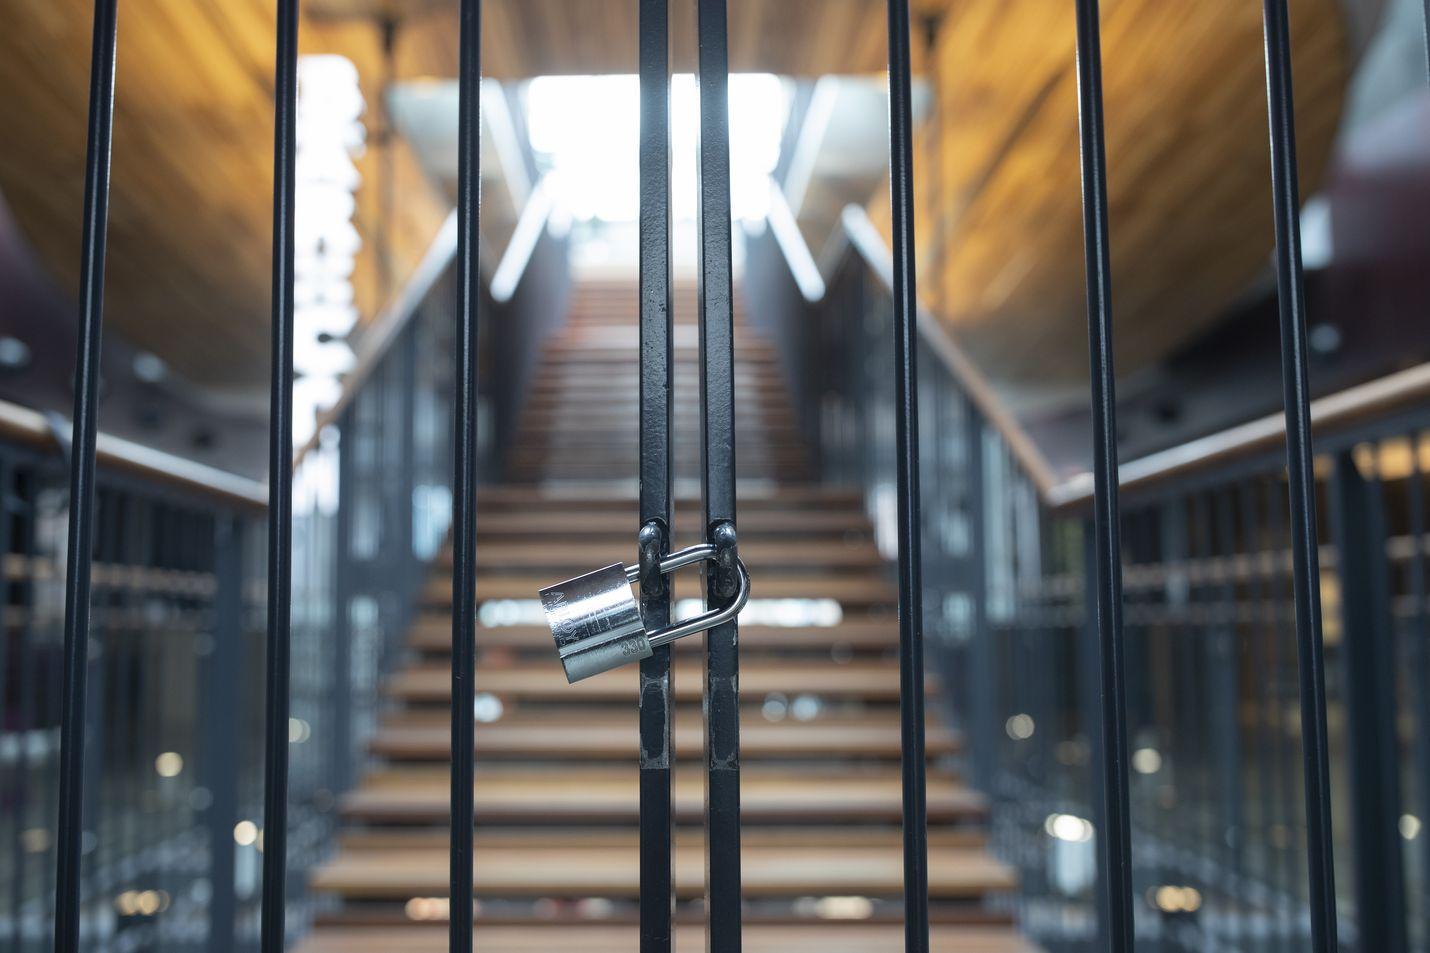 Kiinni on ja pysyy. Uudet rajoitukset sulkevat jälleen ravintoloita. Kulttuurilaitokset kuten teatteri ja keikkapaikat pysyvät edelleen kiinni.